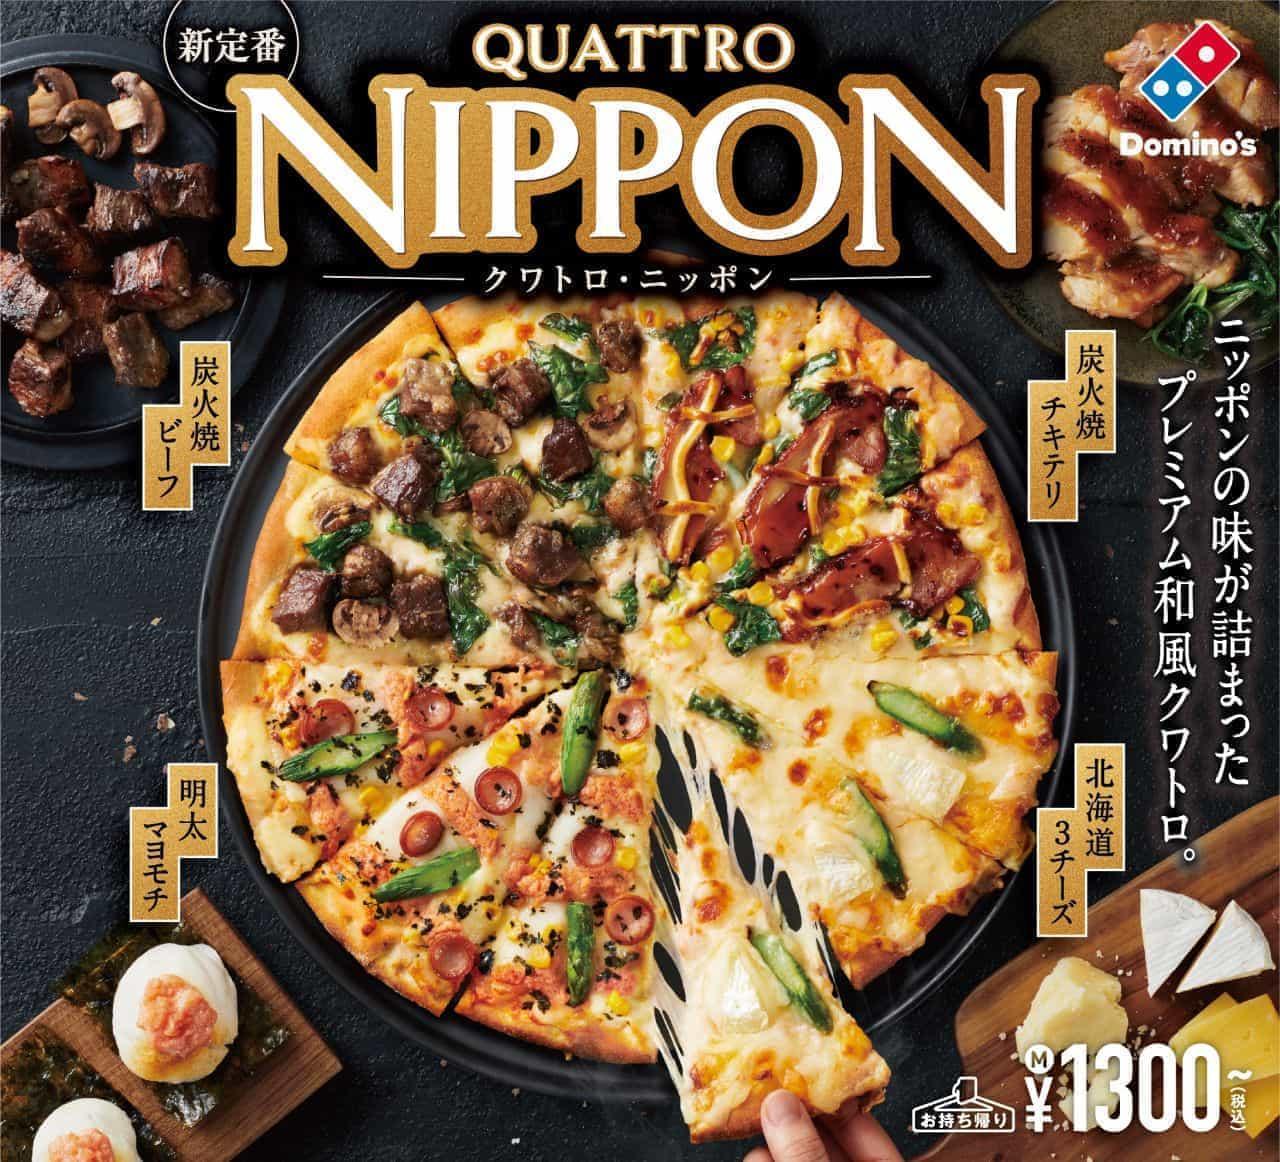 ドミノ・ピザ「クワトロ・ニッポン」